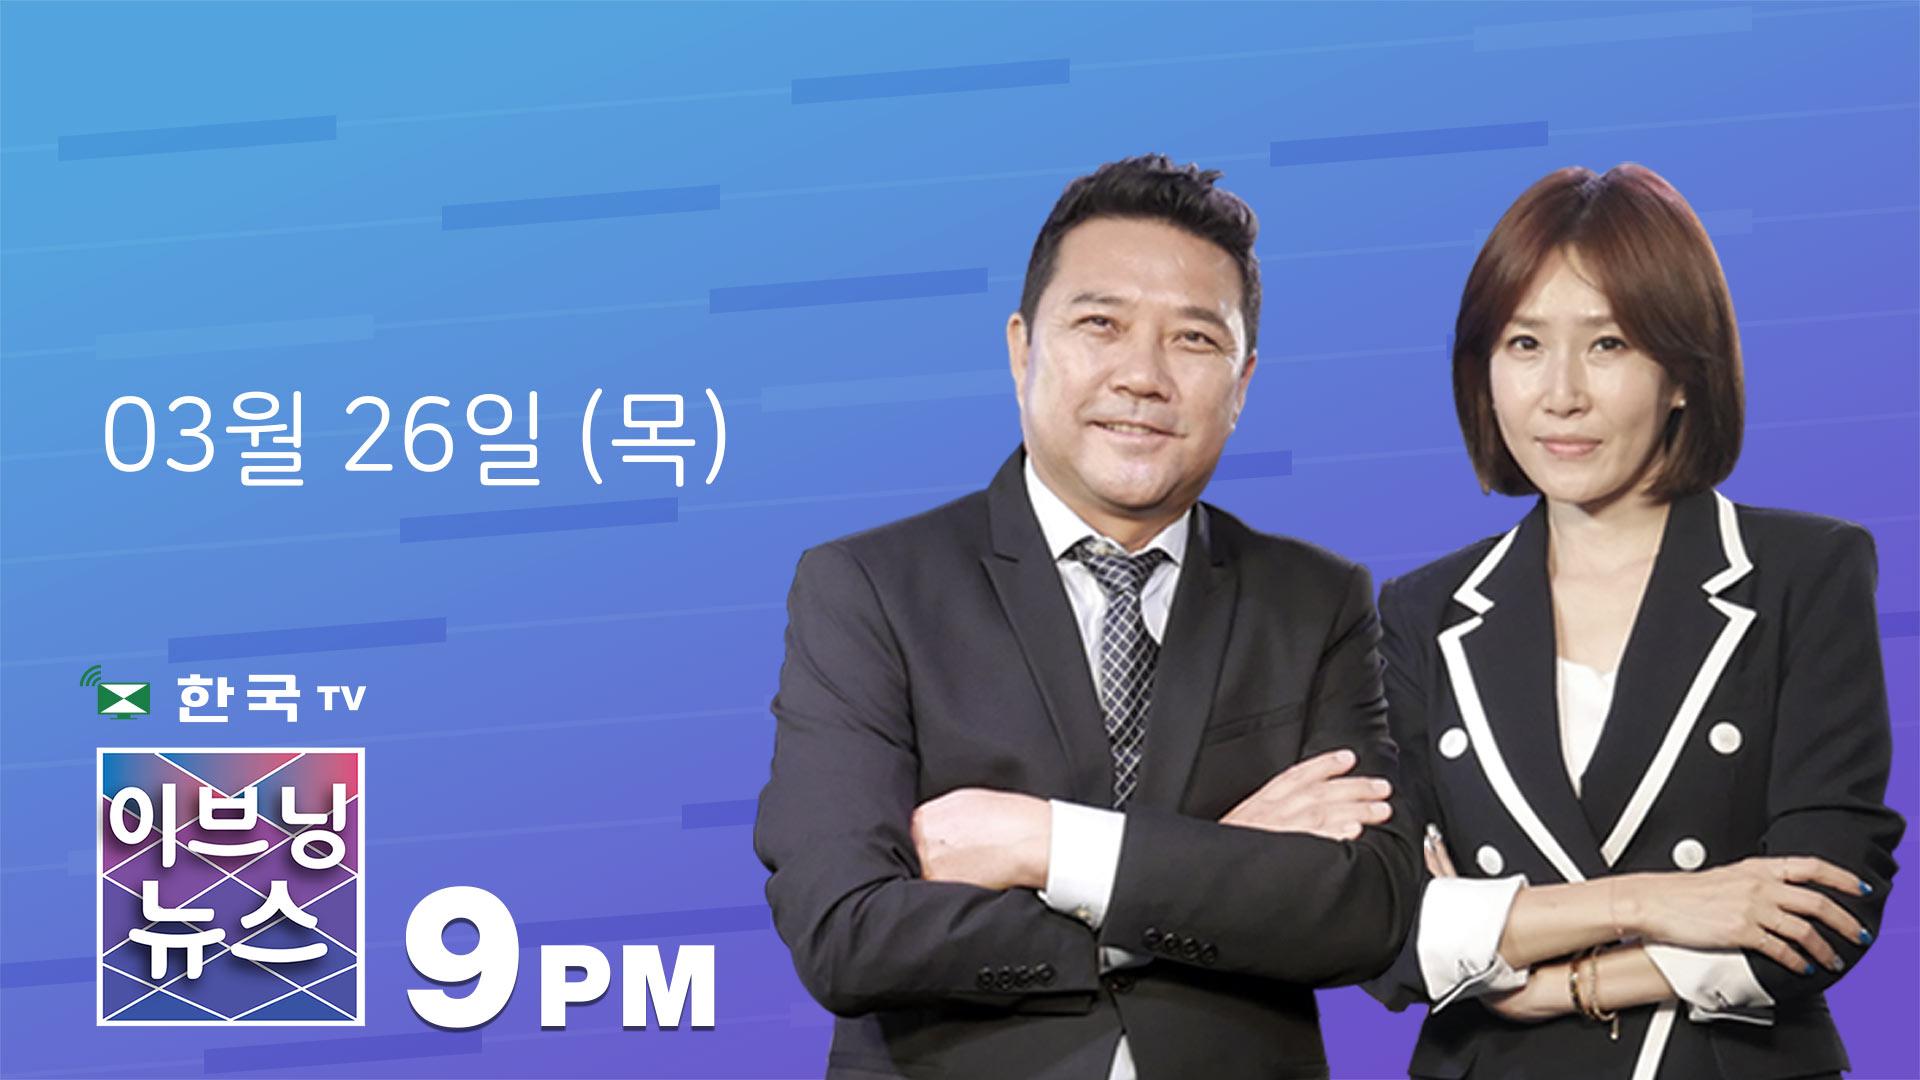 (03.26.2020) 한국TV 이브닝 뉴스